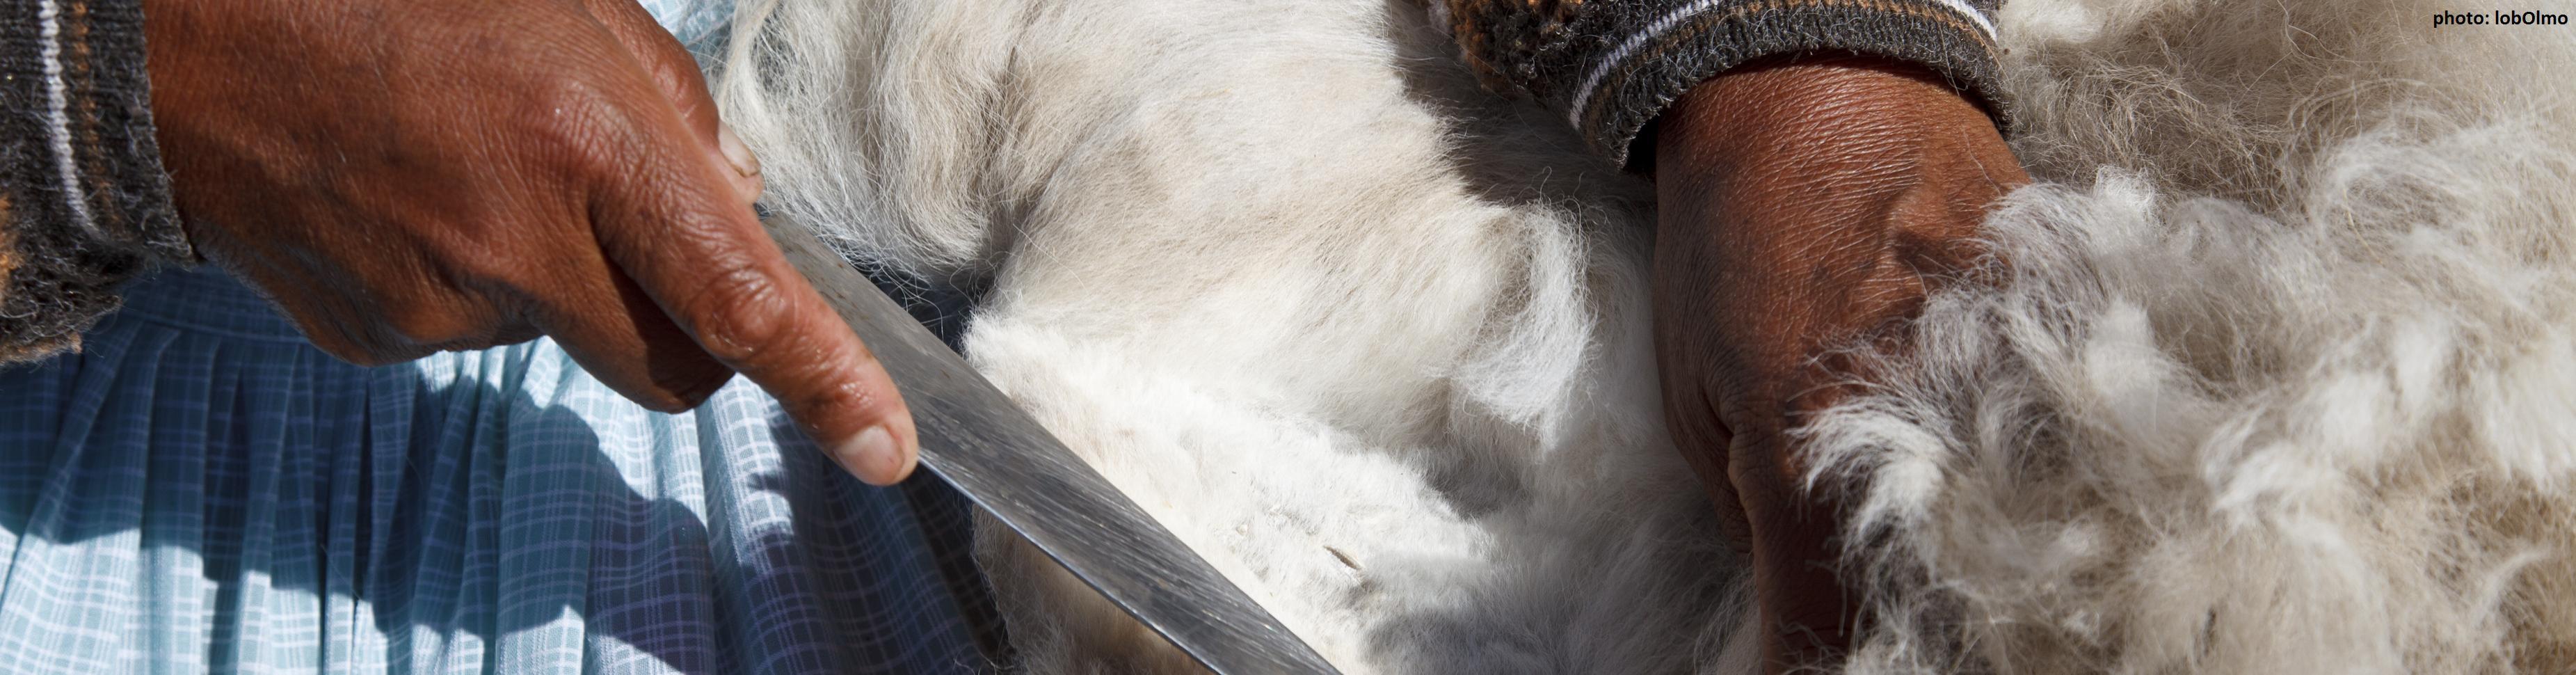 Gewinnung von Alpaka-Hautwolle, Puno, Peru (CIAP, WFTO)